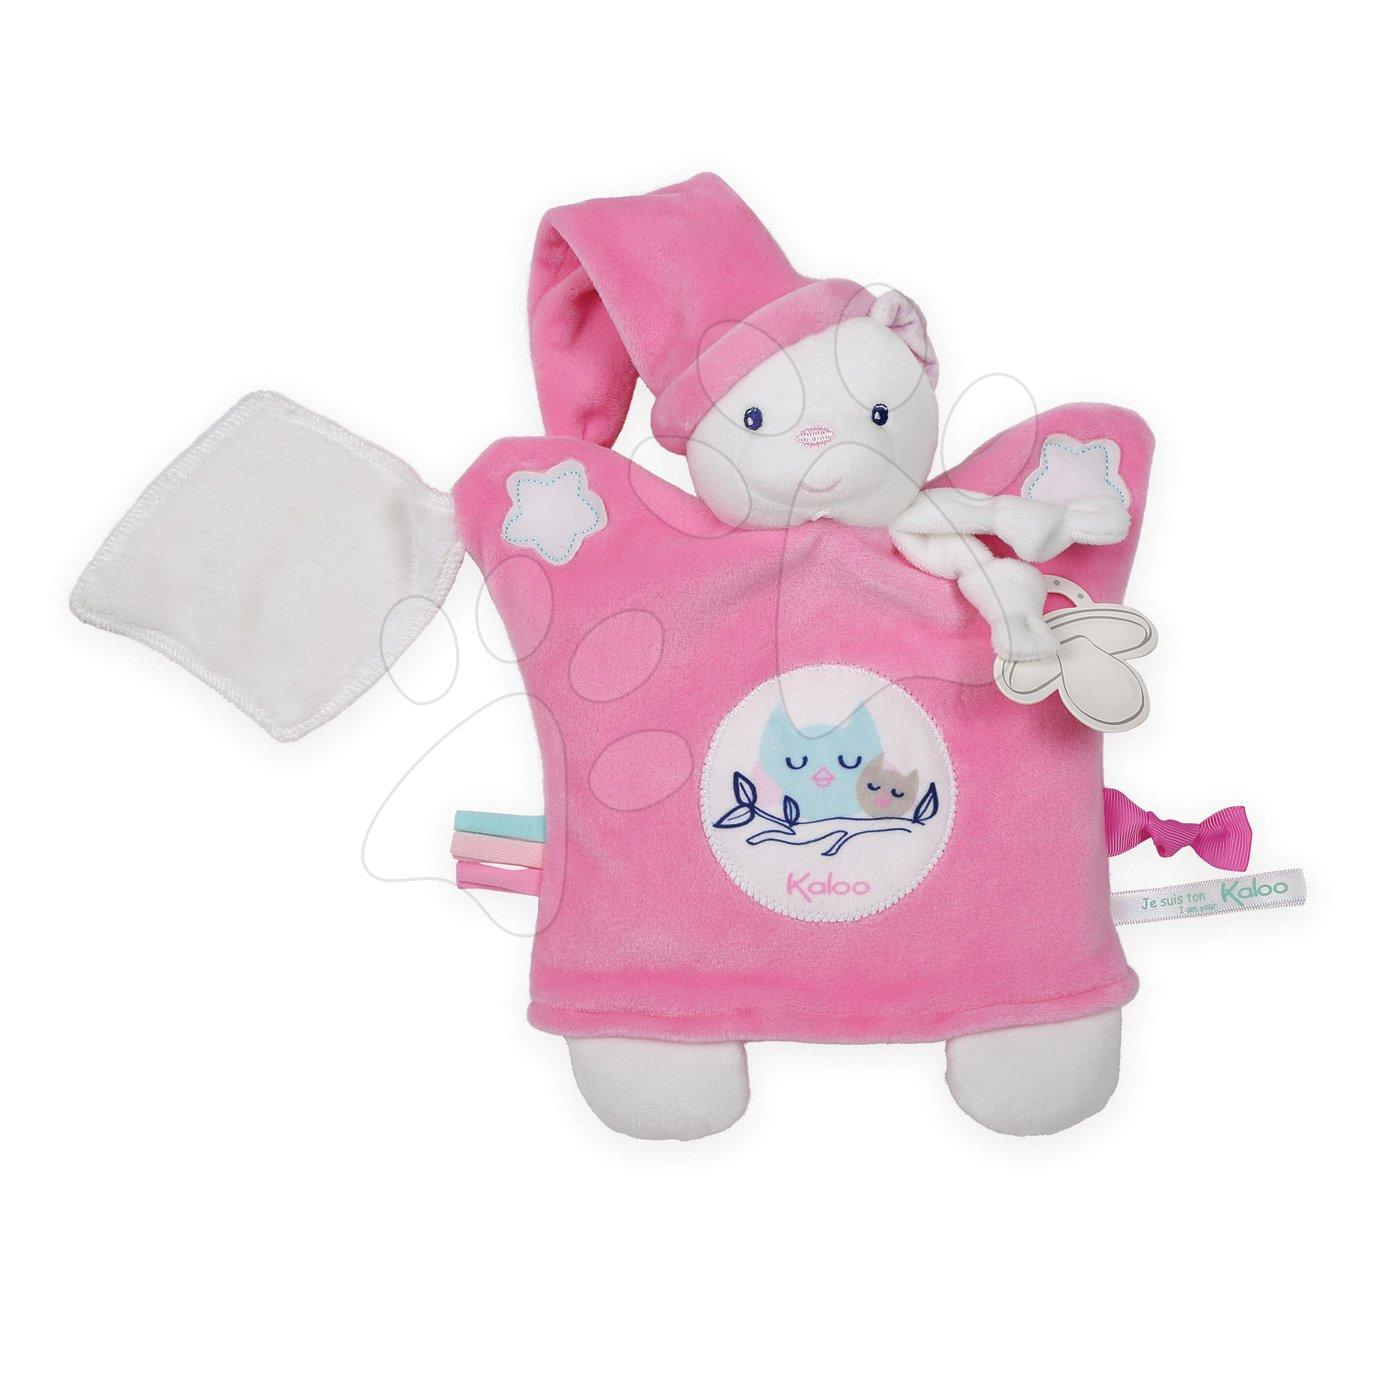 Plyšová loutka-medvěd na mazlení Imagine Doudou Kaloo světélkující 20 cm růžový